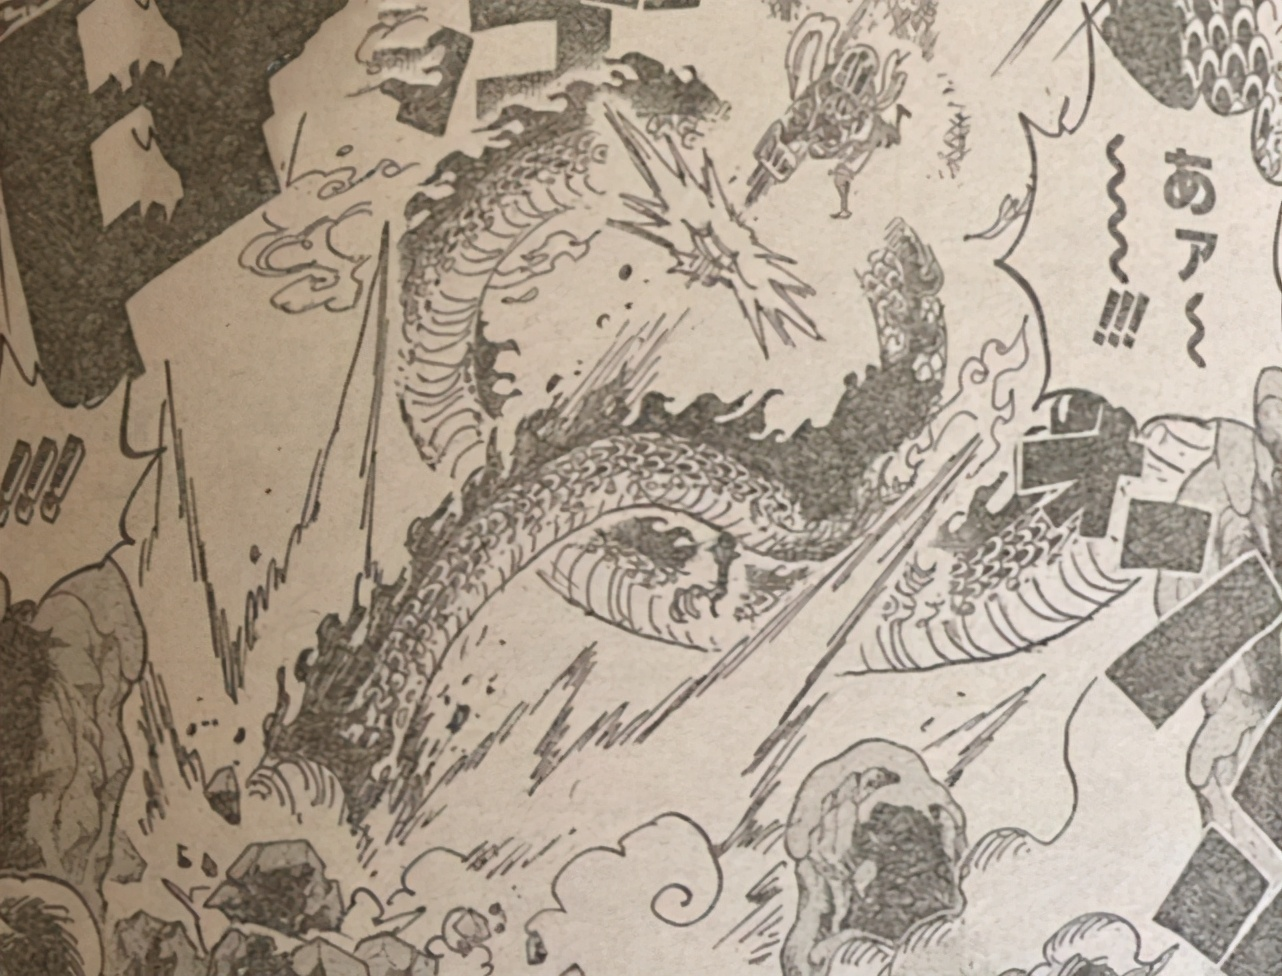 海賊王1003話:凱多正式變身,路飛索隆成核心戰力